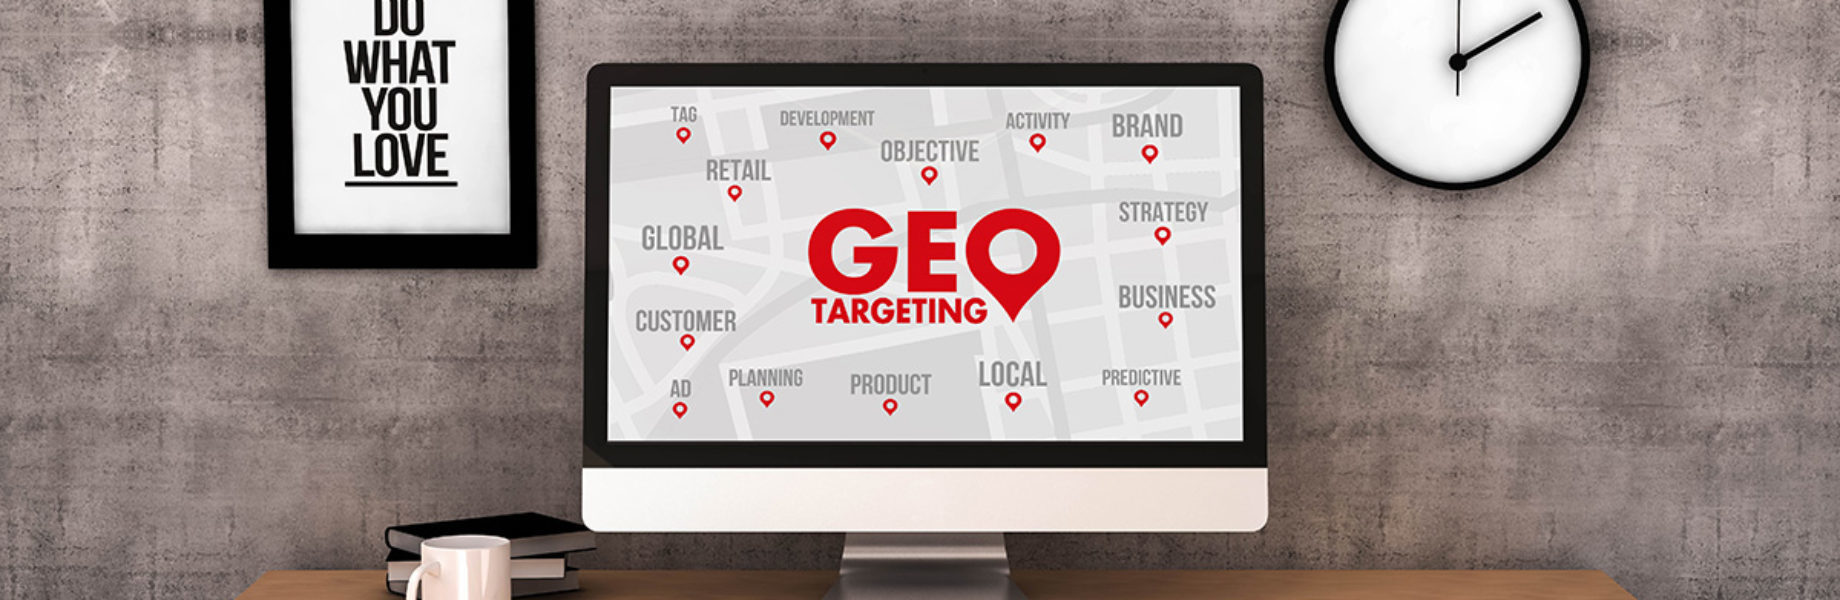 Definir objetivos geográficos para los compradores de software ahora es posible